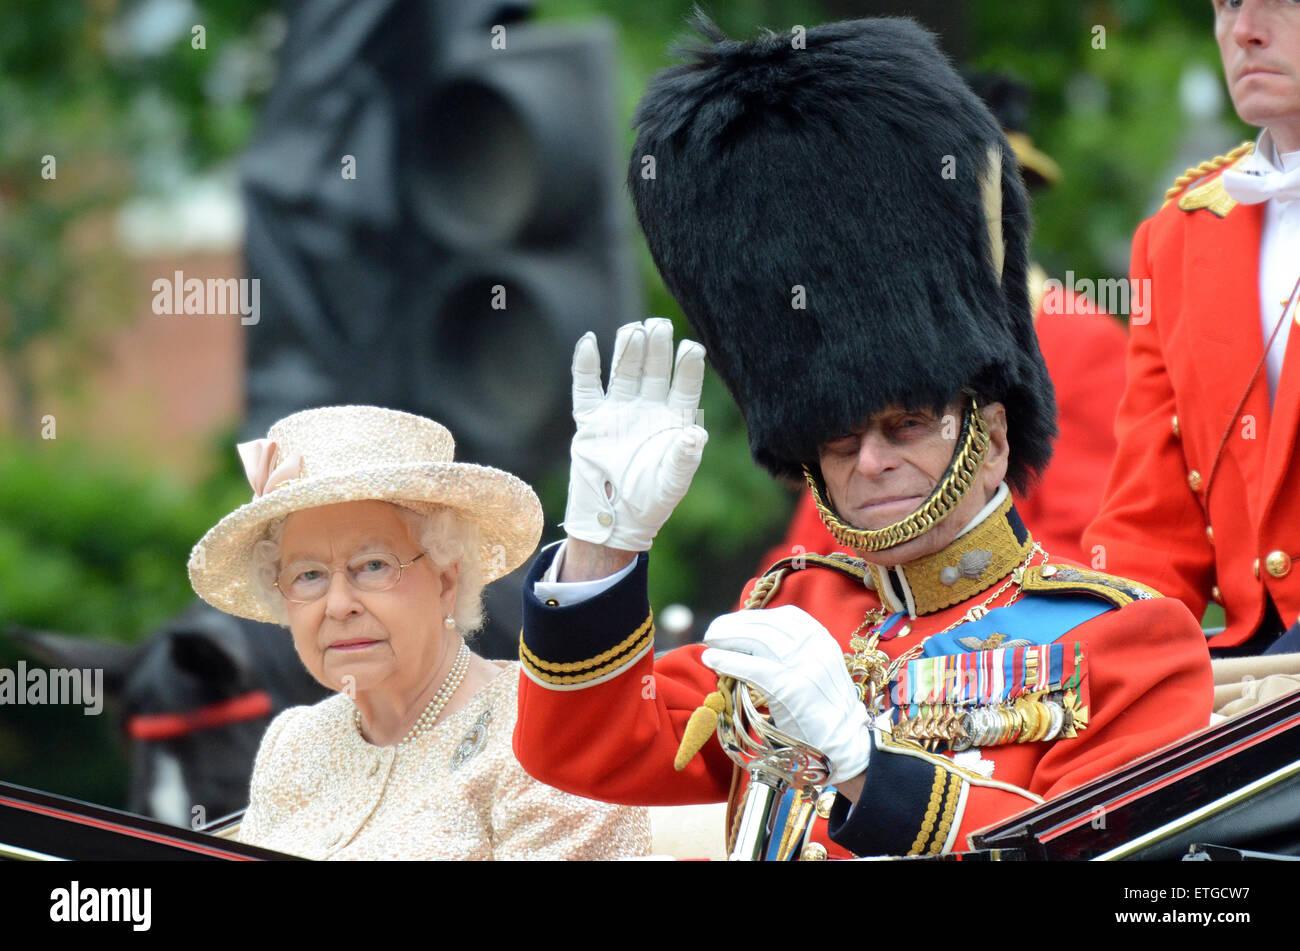 La regina e il principe Filippo. Trooping del colore nel Mall. Londra. Il Duca di Edimburgo in uniforme con le medaglie. Immagini Stock